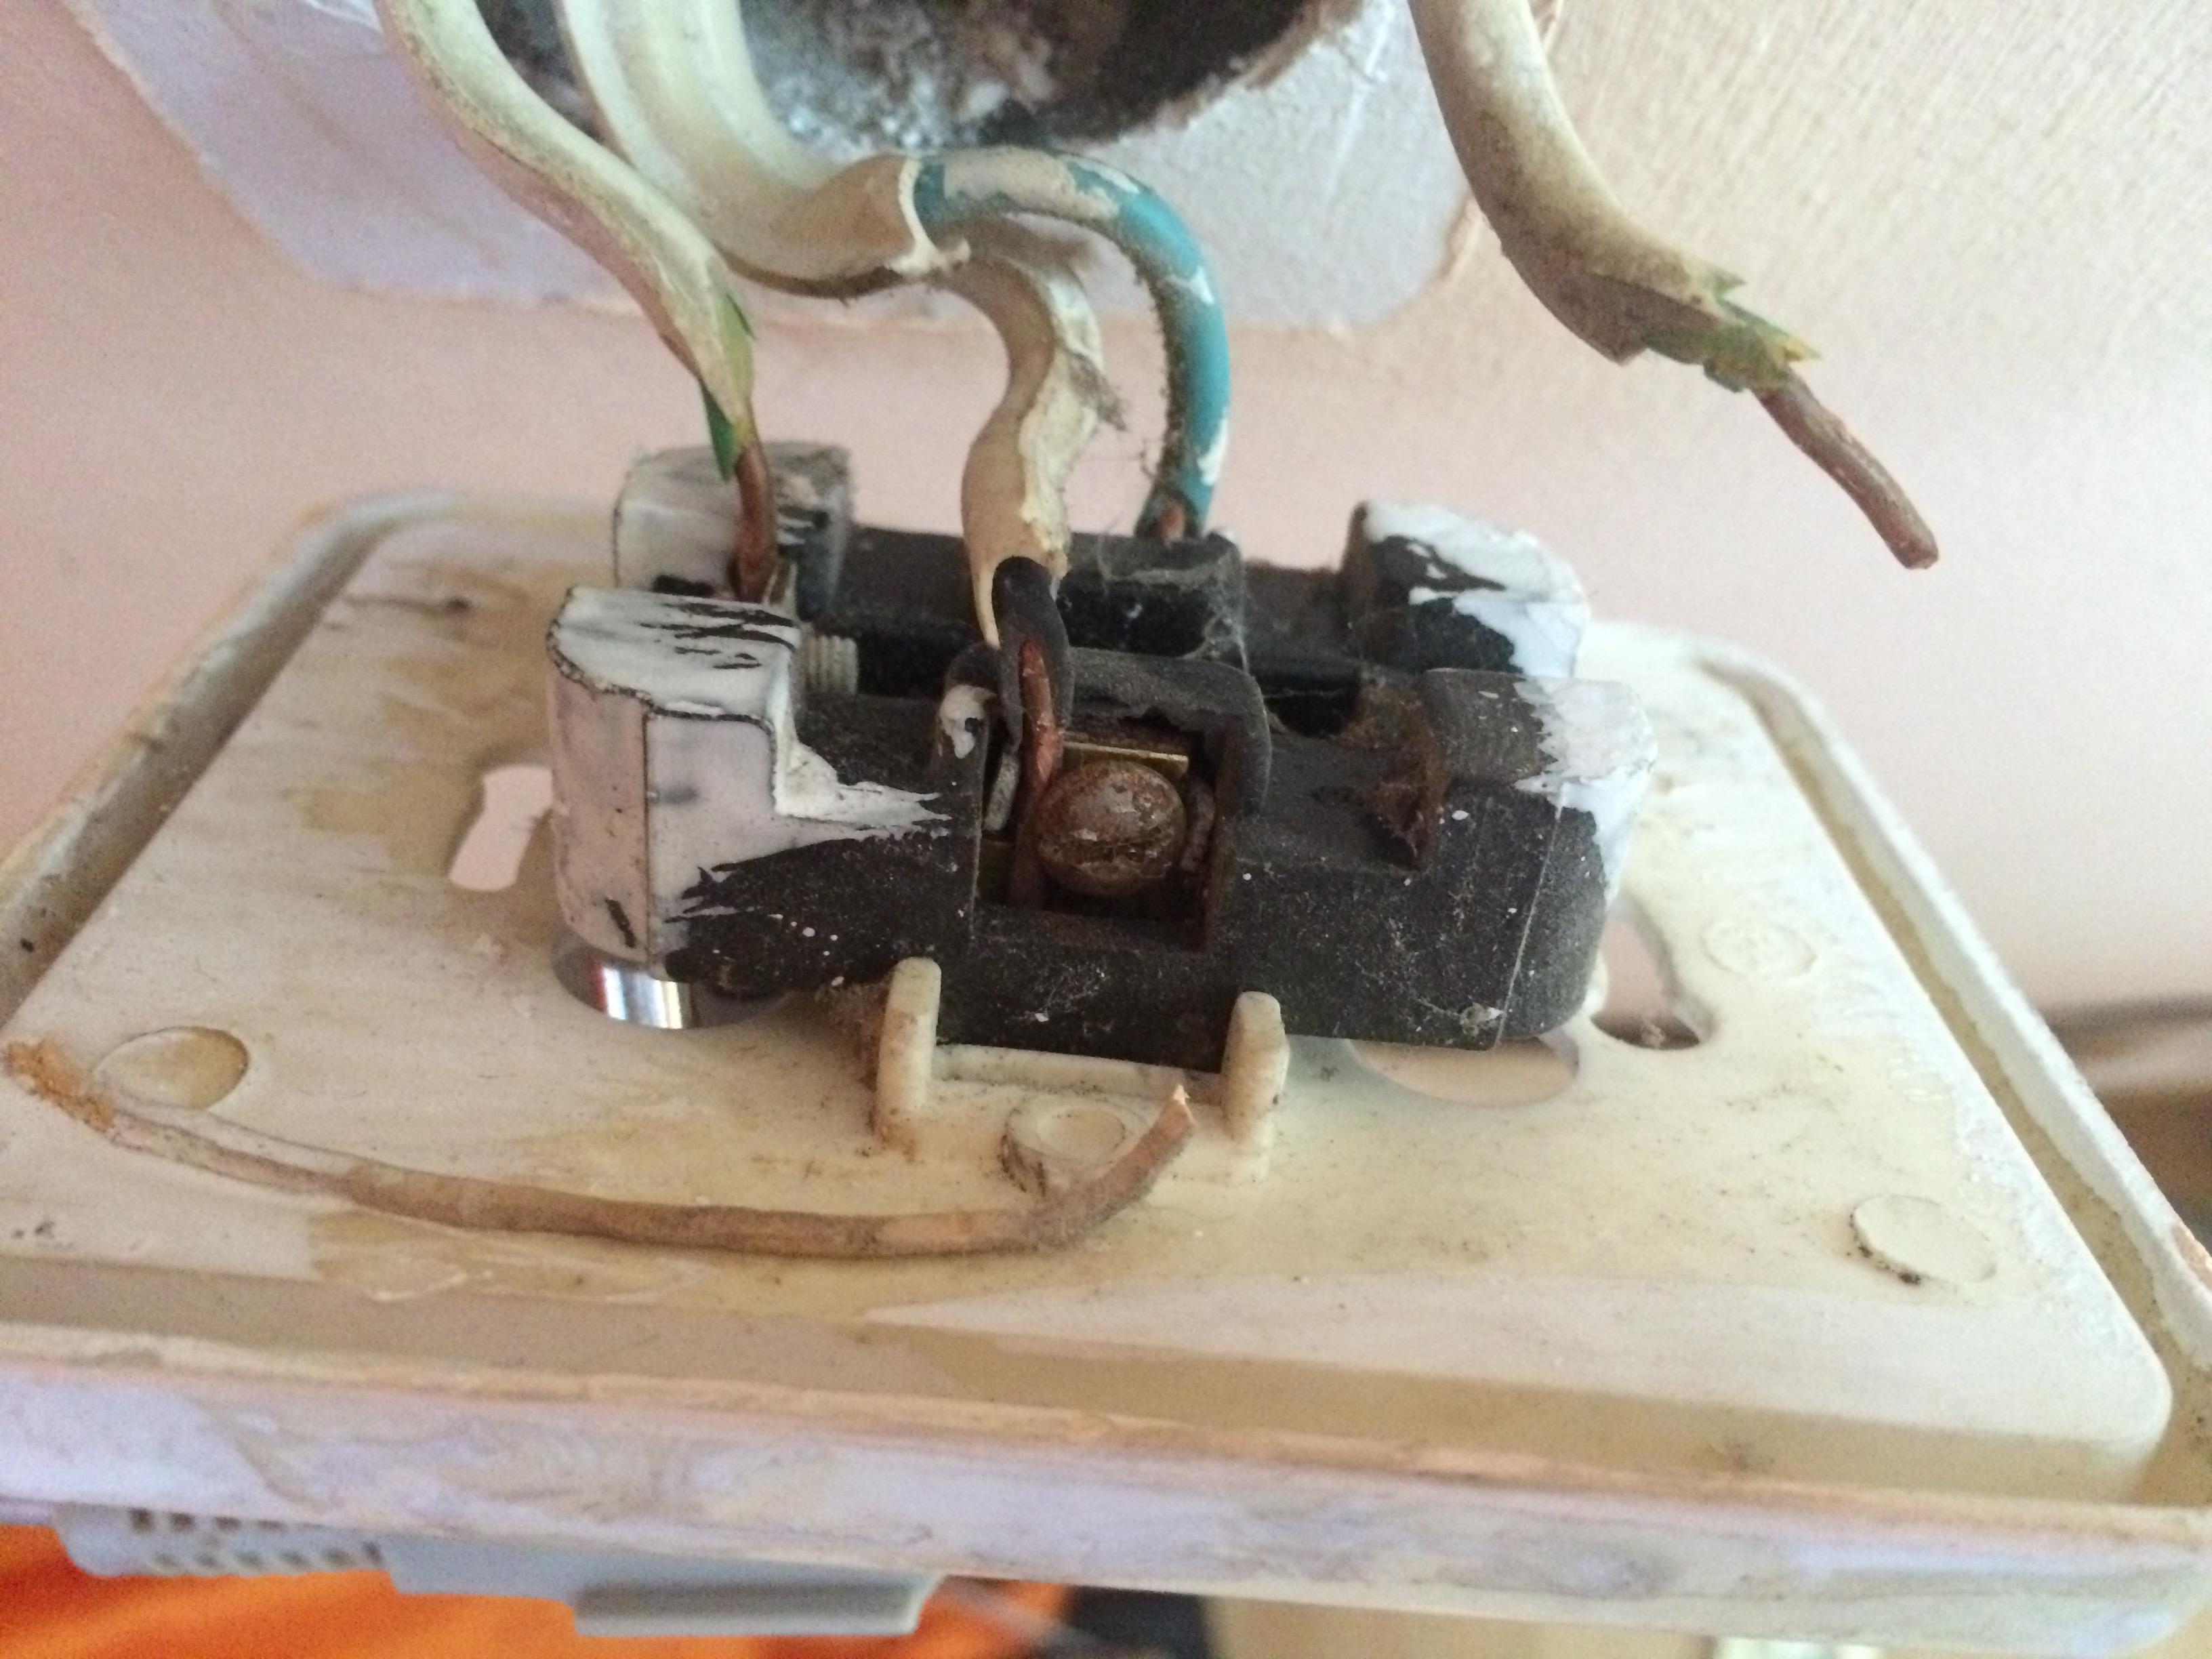 Dwa uziemienia w gniazdku - jak sprawdzi� poprawno�� instalacji?